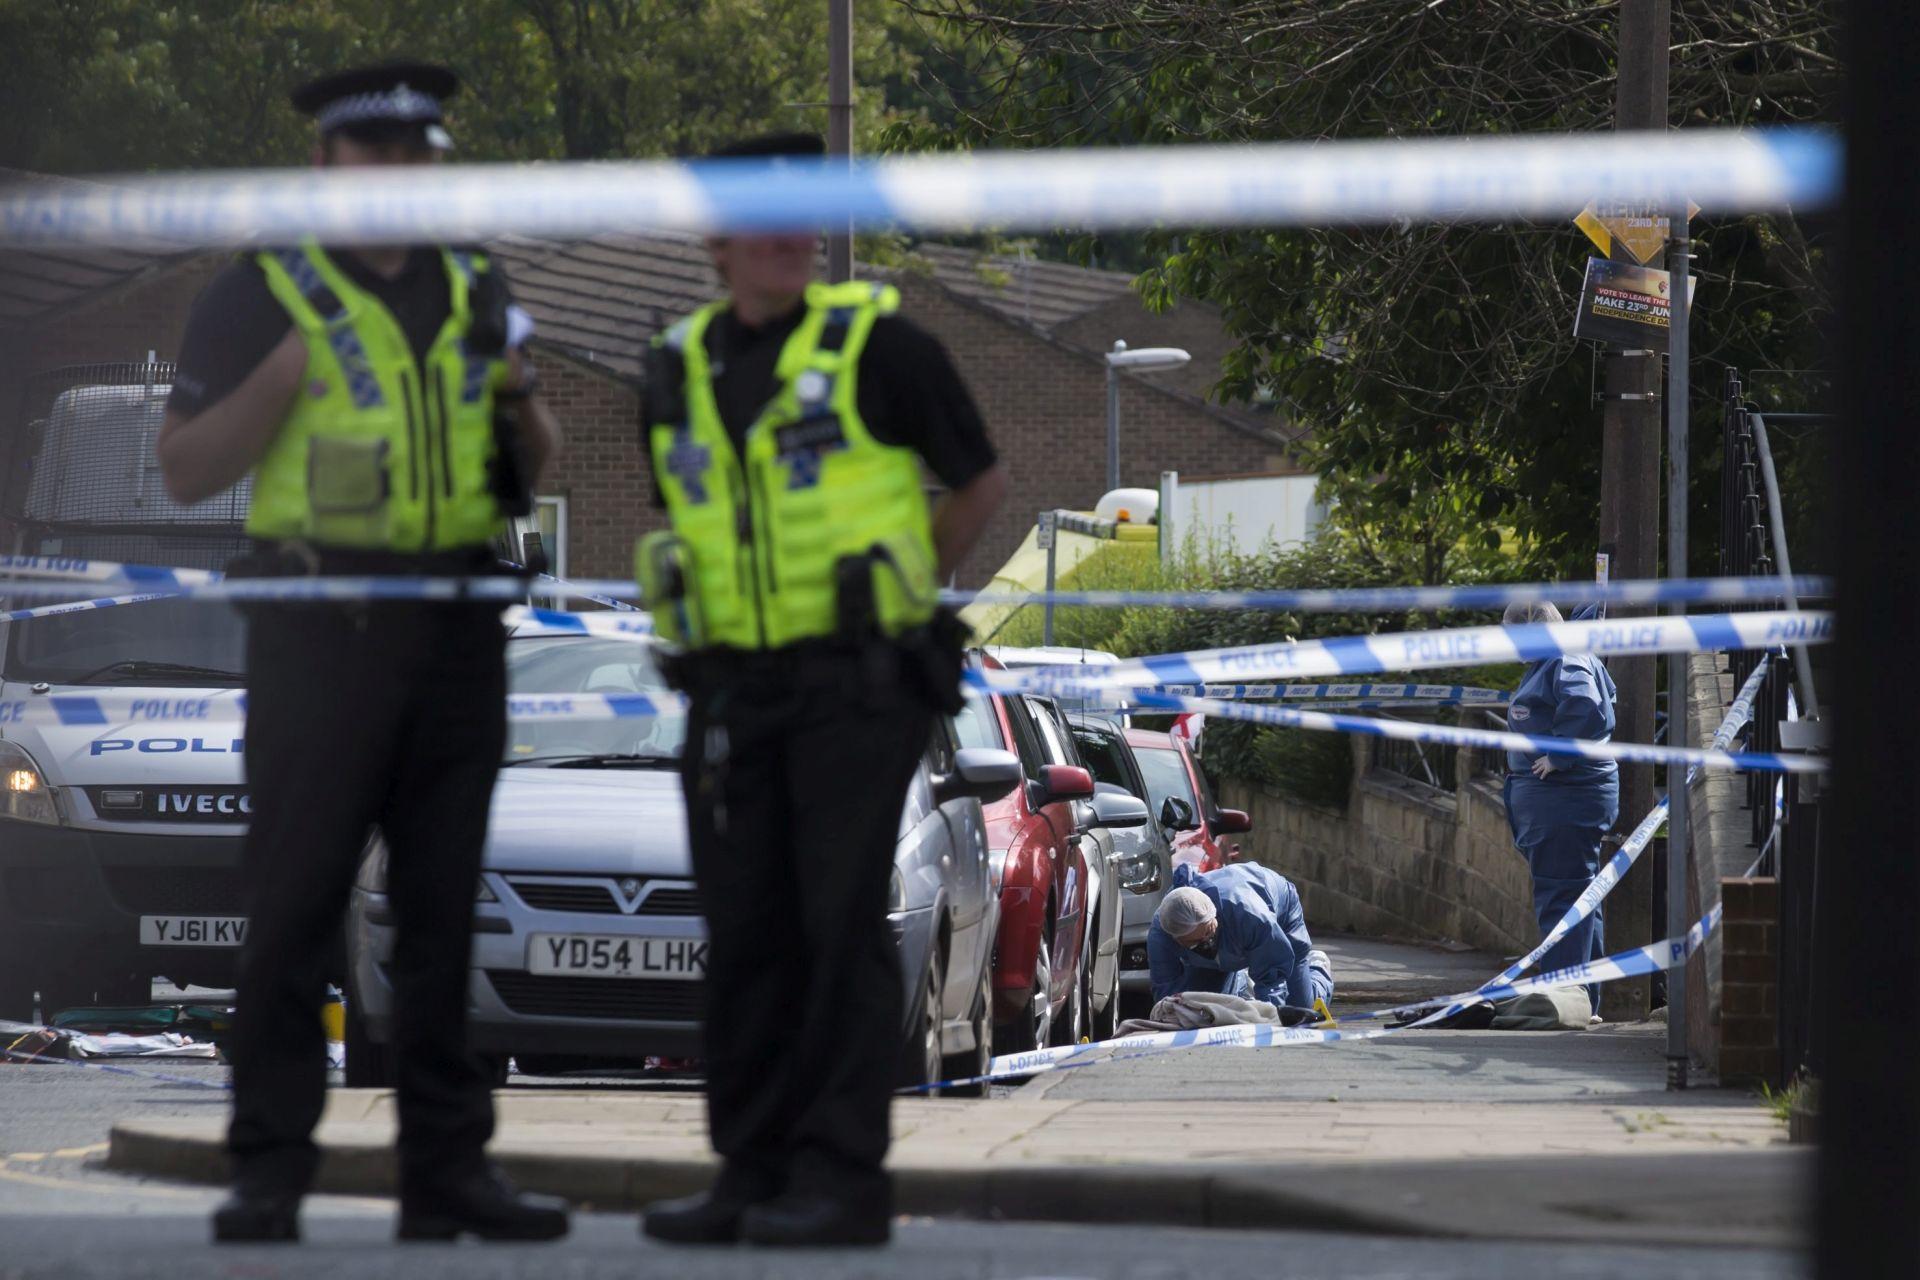 ŠOK U BRITANIJI: Umrla proeuropska britanska zastupnica ozlijeđena u napadu